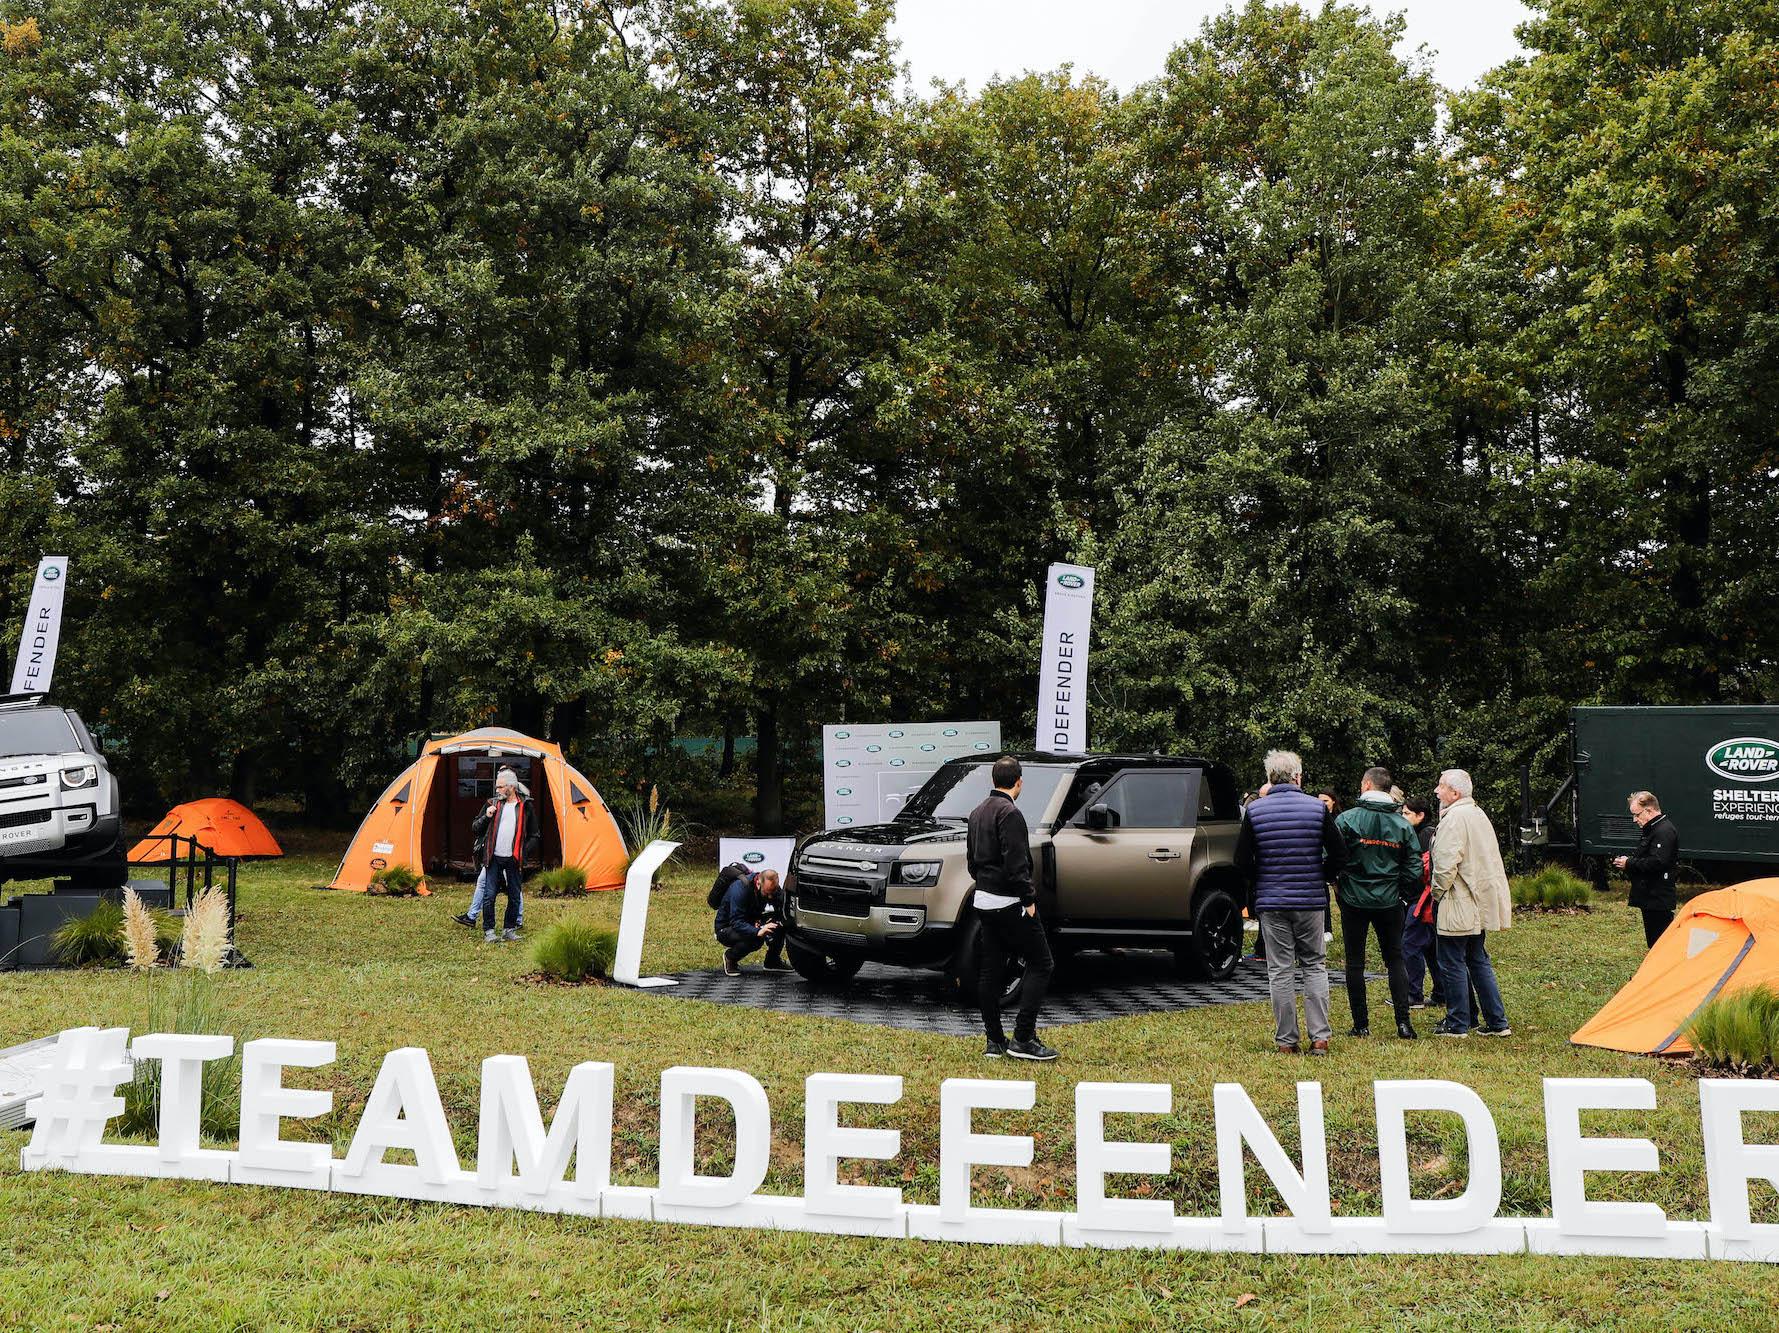 #teamdefender JLR Festival 2019 France